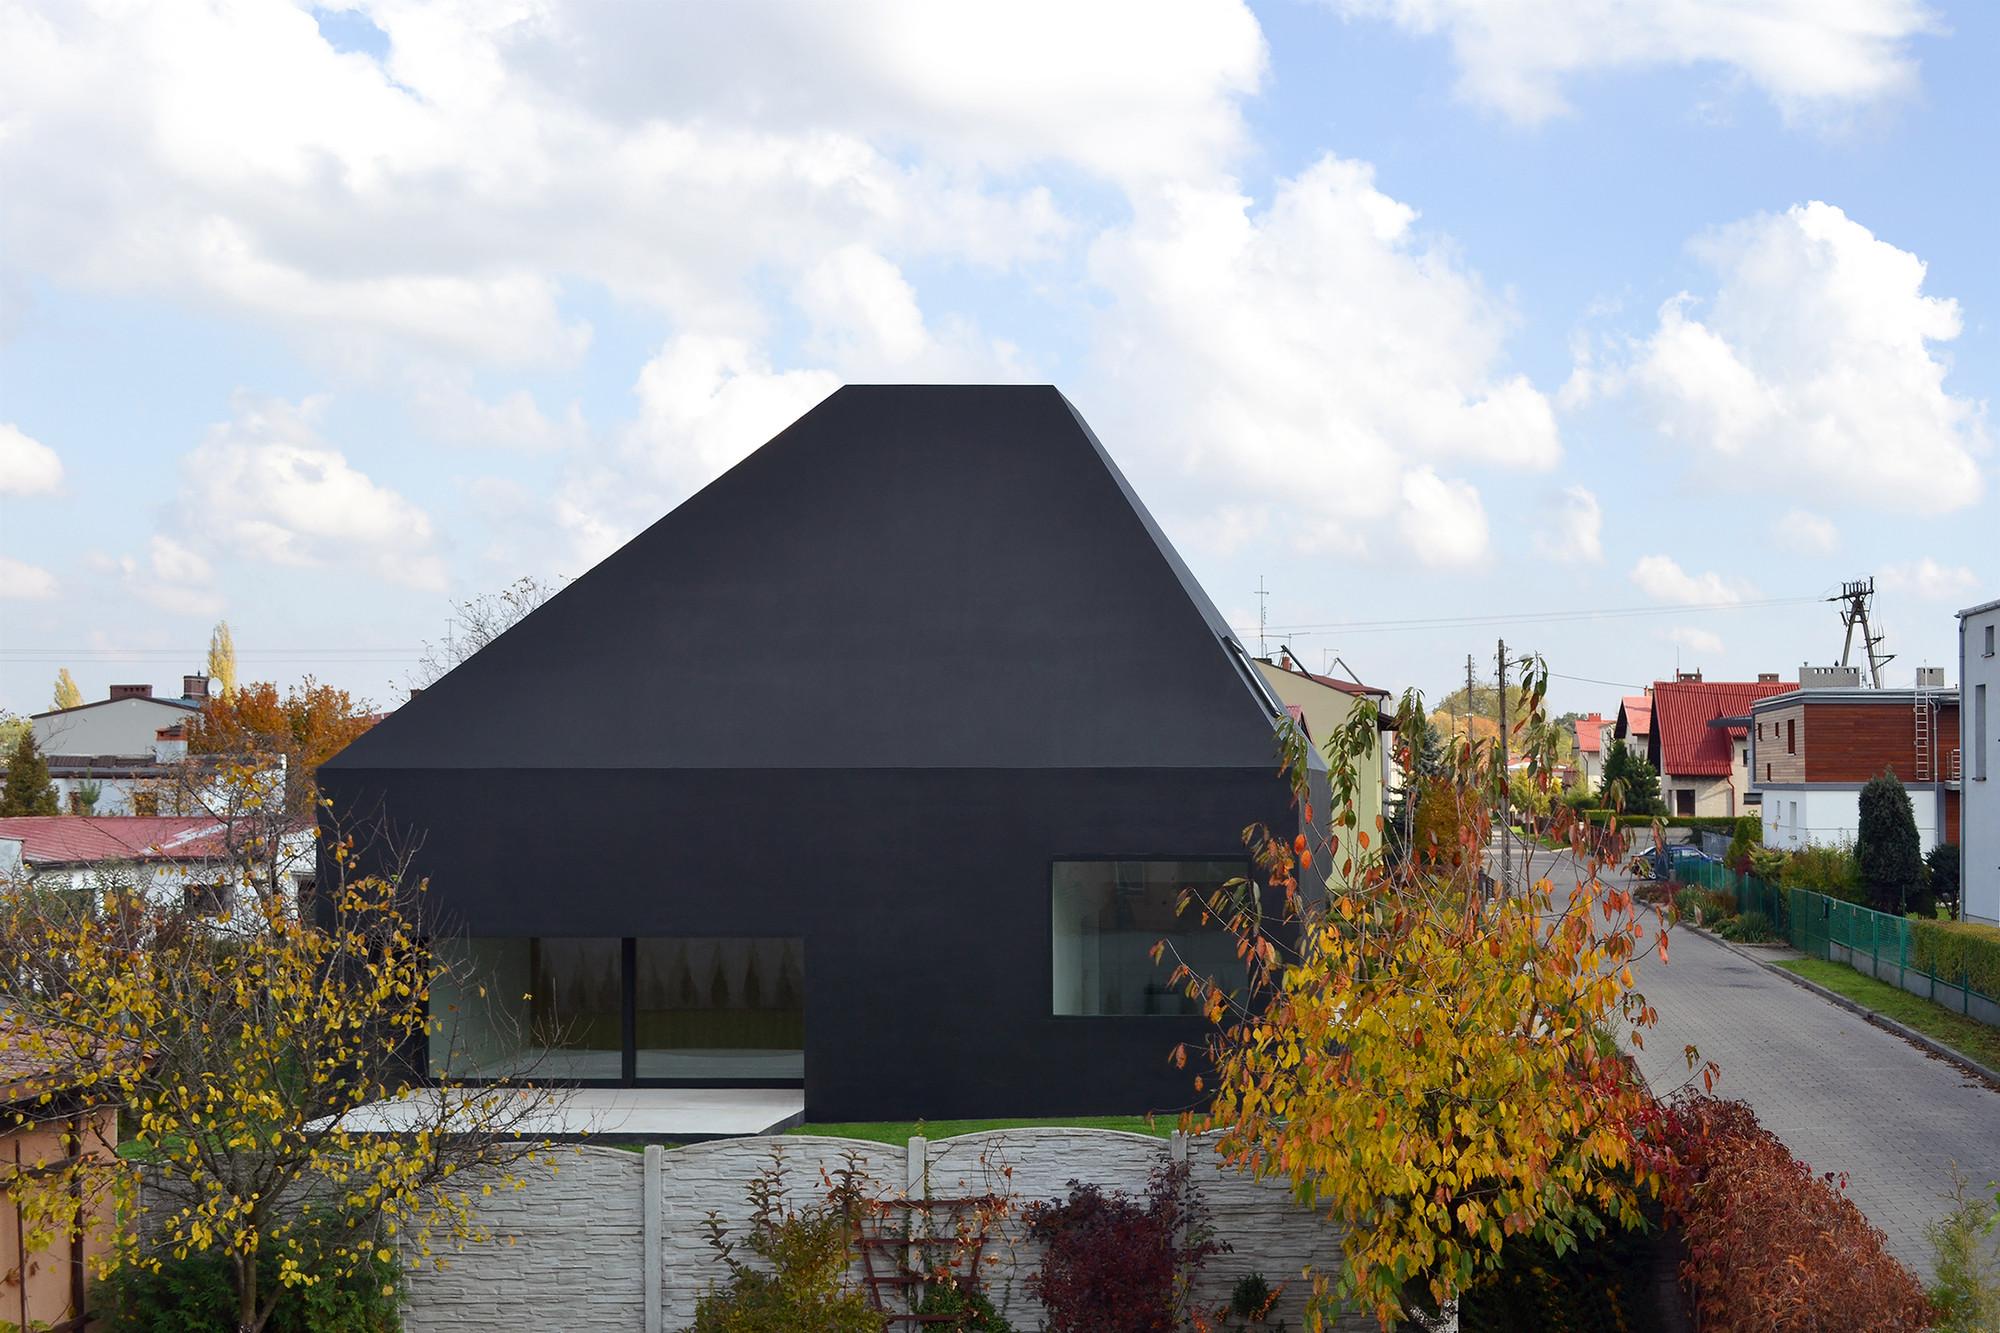 Casa en Lubliniec 2 / Dyrda Fikus Architekci, © Bartłomiej Osiński